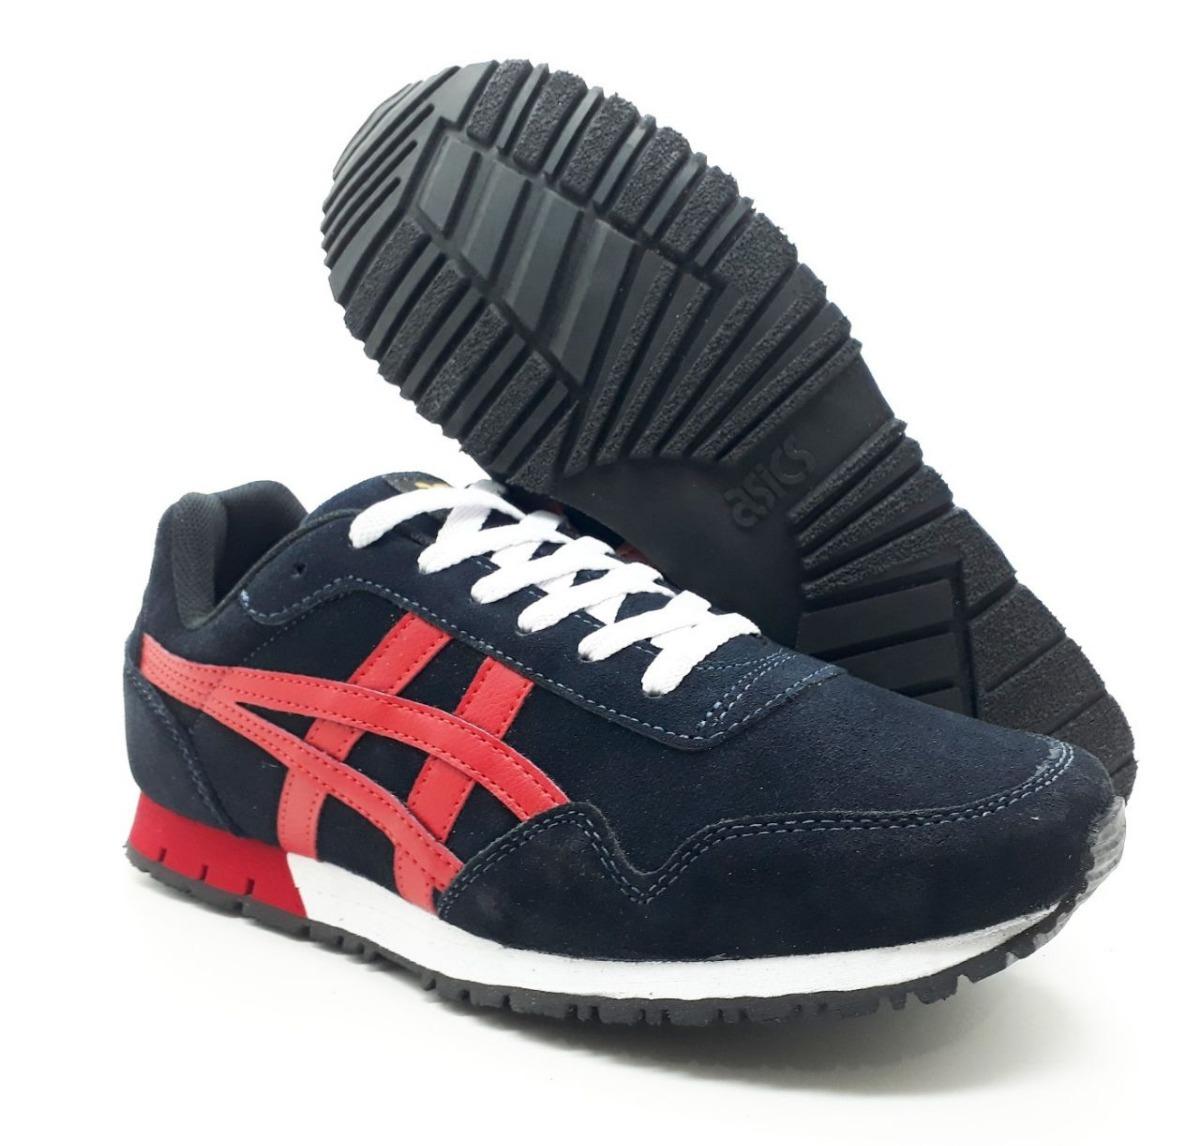 3bbc41ff069 Características. Marca Asics  Modelo Onitsuka  Gênero Masculino  Estilo  Tênis  Material do calçado Couro ...